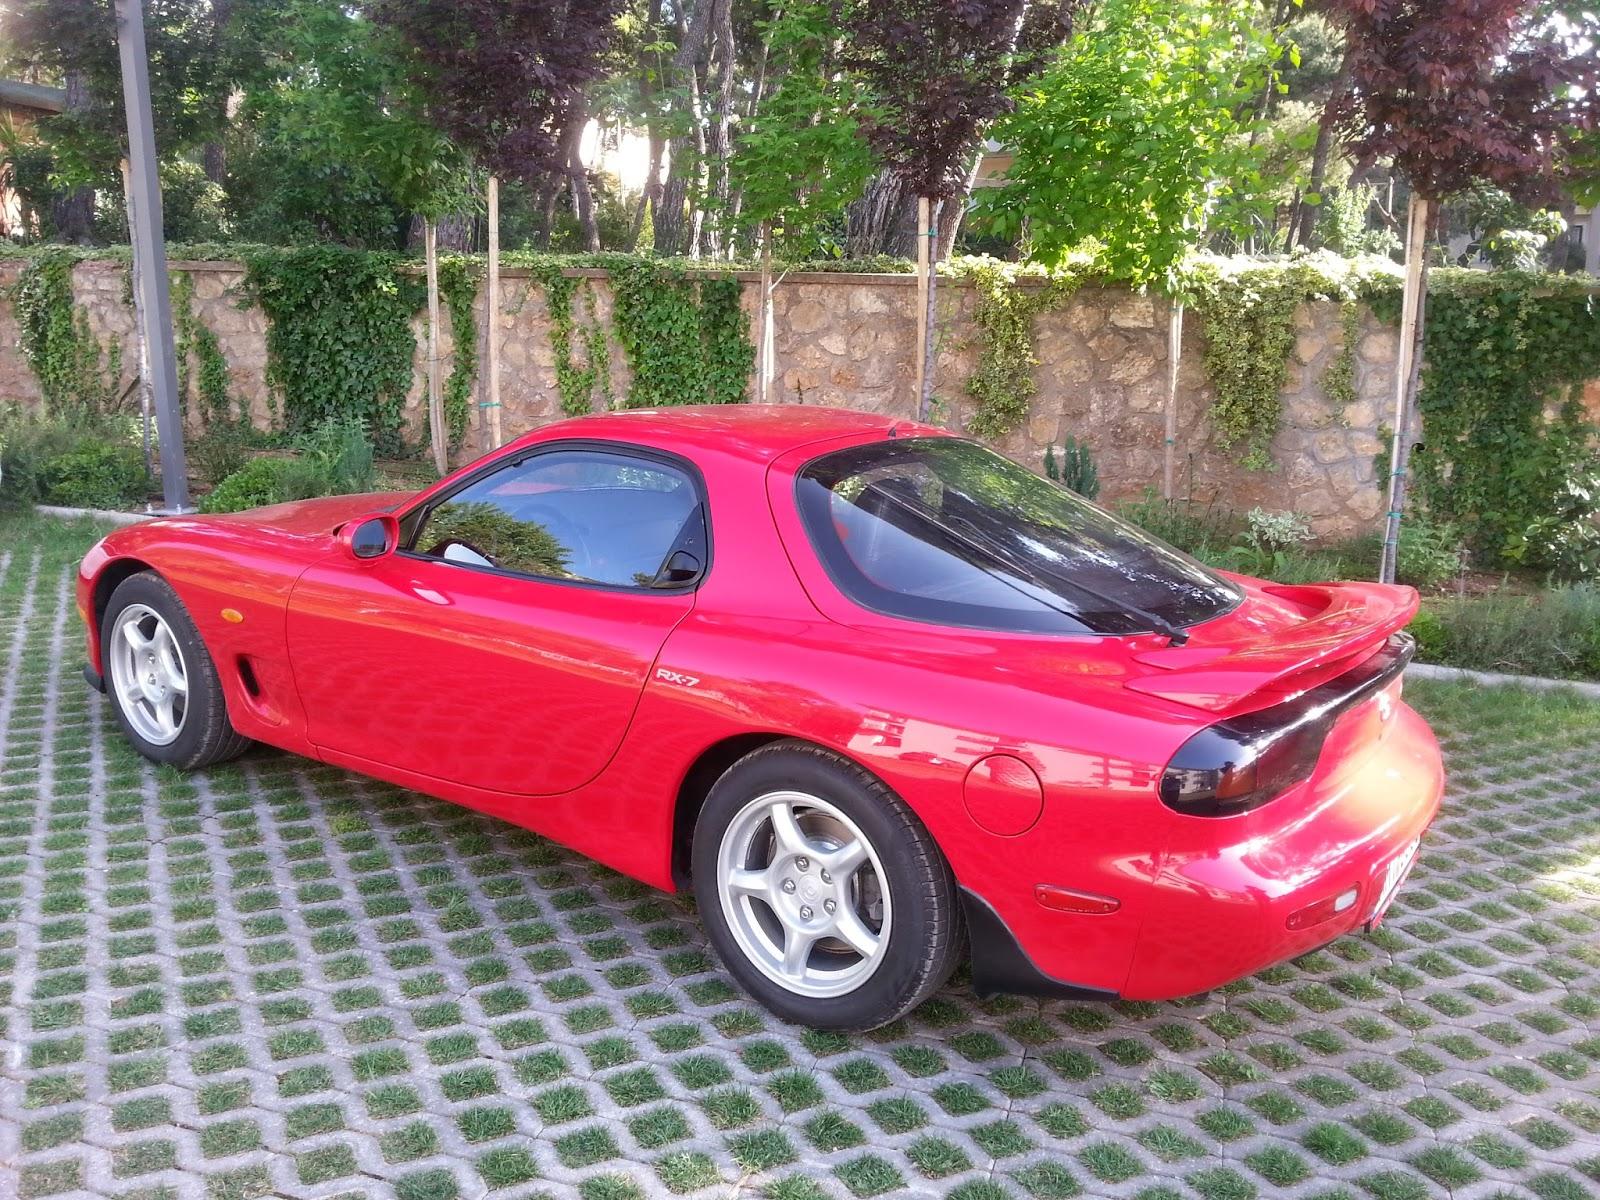 3 Όταν οδήγησα ένα καινούριο Mazda RX-7 Mazda, Mazda RX-7, TEST, zblog, αυτοκίνητα, ΔΟΚΙΜΕΣ, καινούρια, μεταχειρισμένα, οδηγούμε